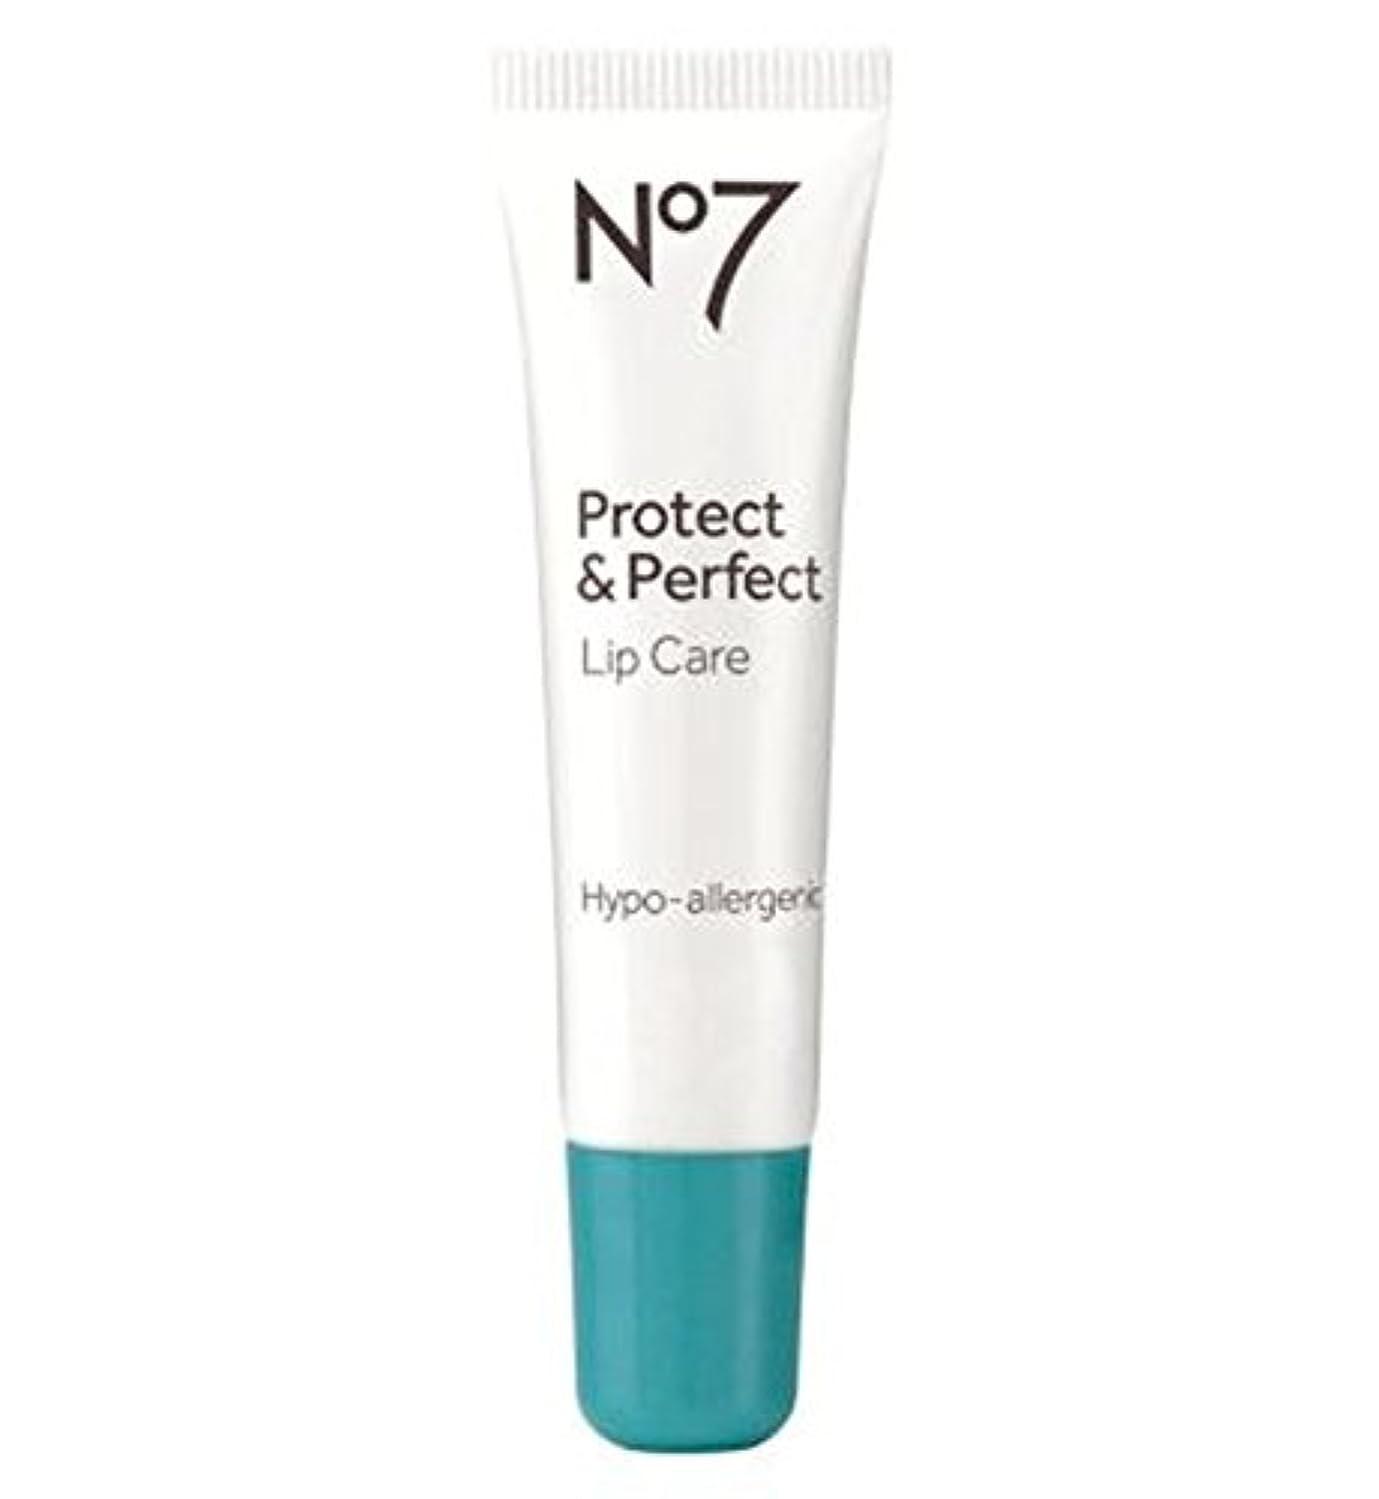 くまつなぐ日の出No7 Protect & Perfect Lip Care 10ml - No7保護&完璧なリップケア10ミリリットル (No7) [並行輸入品]